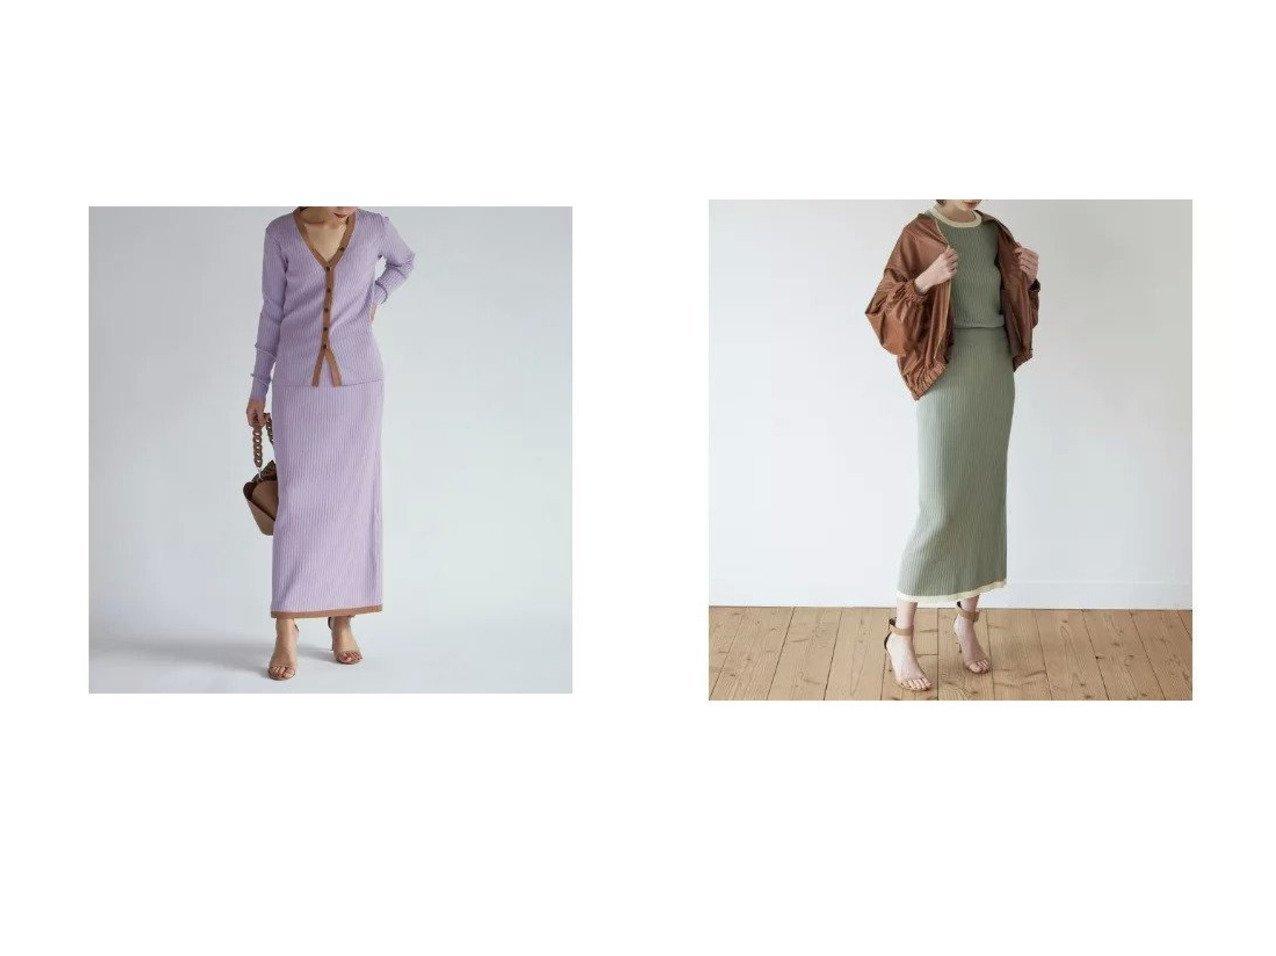 【CLEAR IMPRESSION/クリアインプレッション】のバイカラータイトスカート スカートのおすすめ!人気、トレンド・レディースファッションの通販 おすすめで人気の流行・トレンド、ファッションの通販商品 メンズファッション・キッズファッション・インテリア・家具・レディースファッション・服の通販 founy(ファニー) https://founy.com/ ファッション Fashion レディースファッション WOMEN スカート Skirt カーディガン セットアップ  ID:crp329100000022466